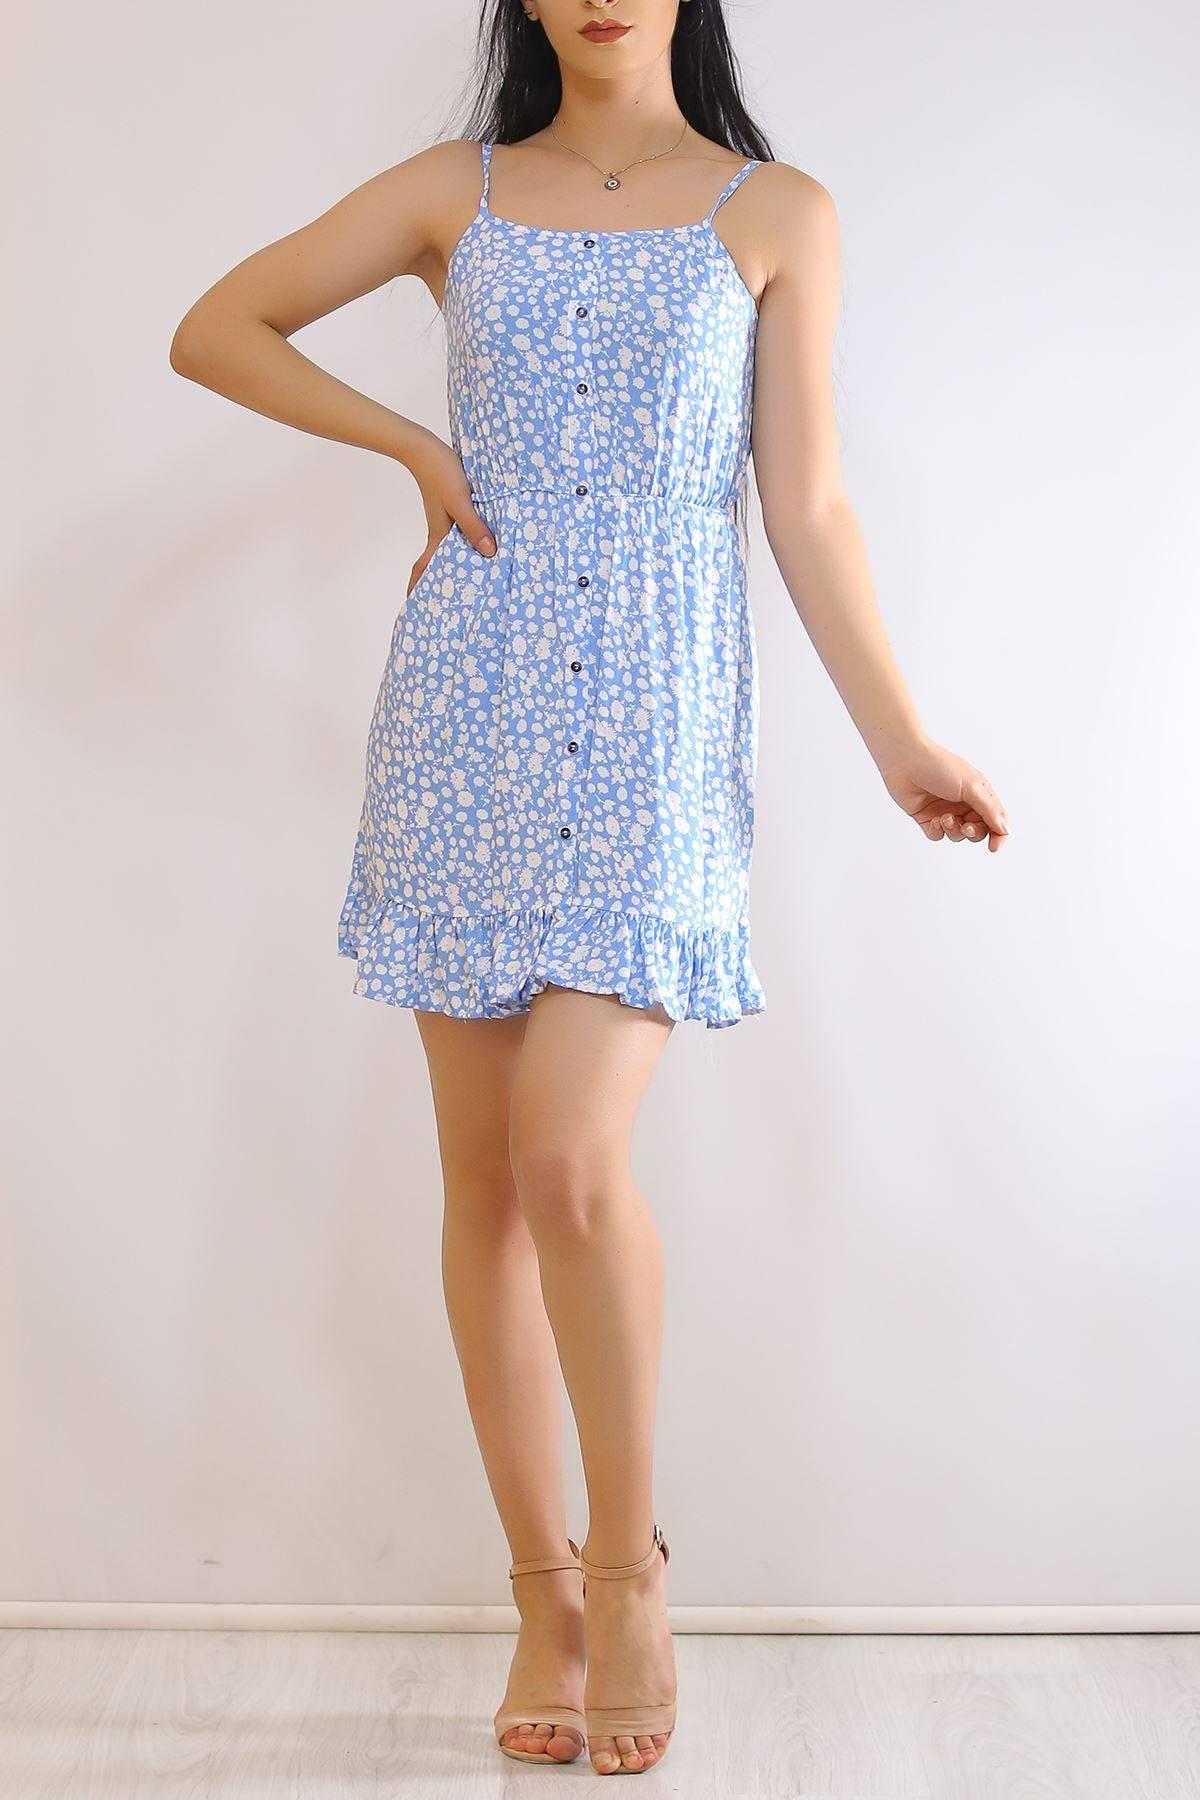 İp Askılı Elbise Mavibeyaz - 21160.101.